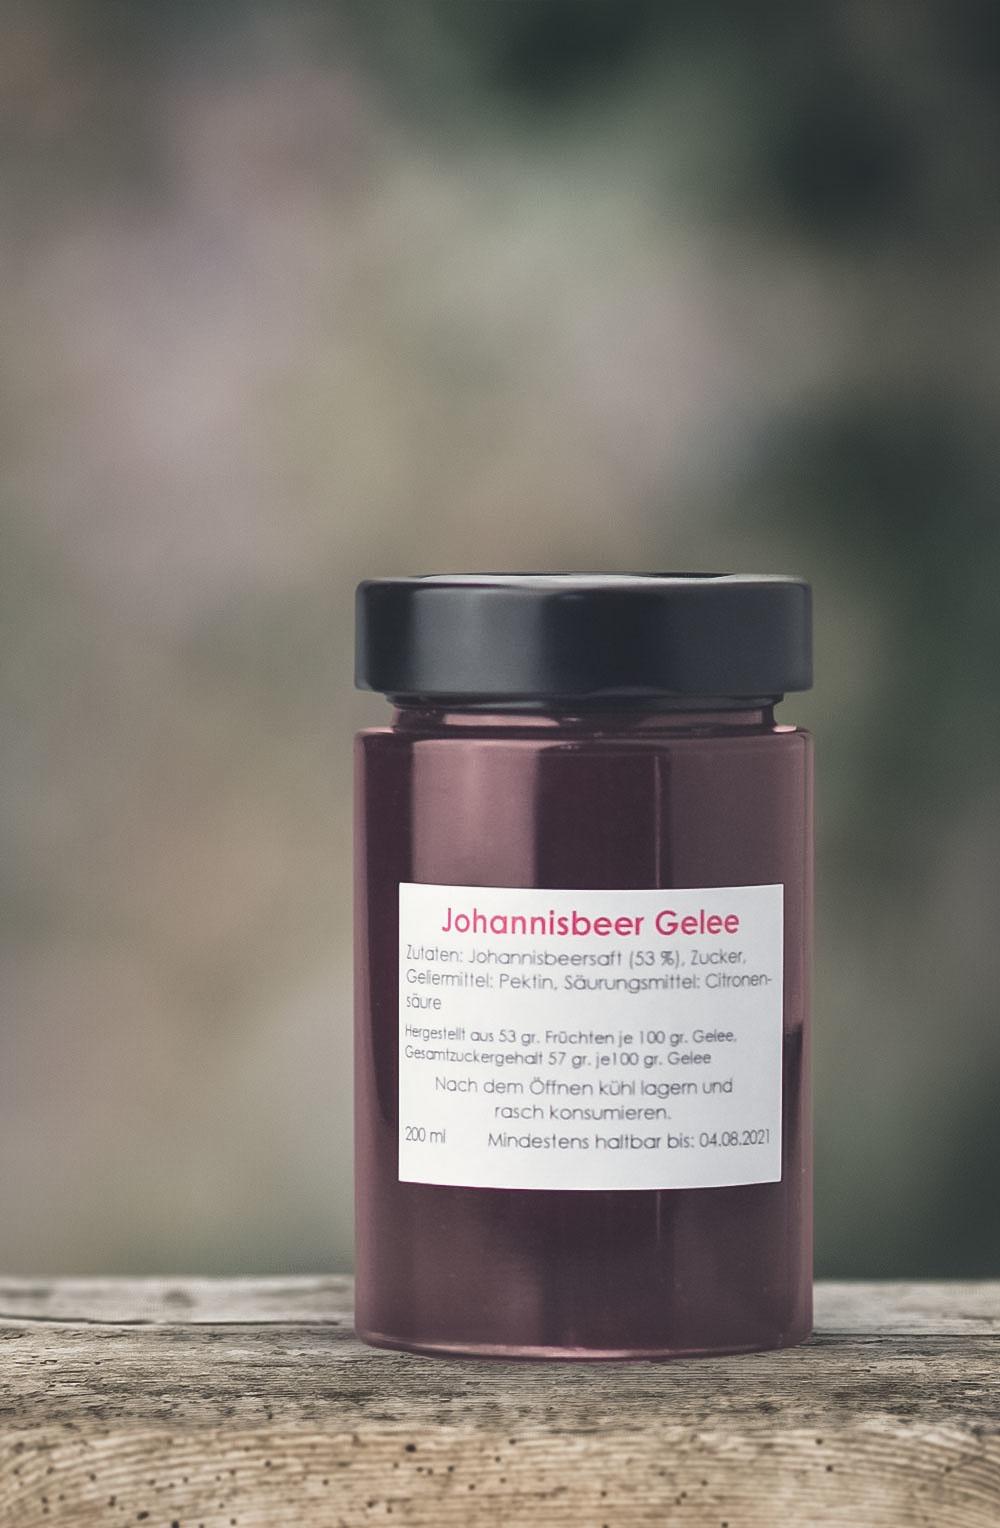 Johannisbeer Gelee-1